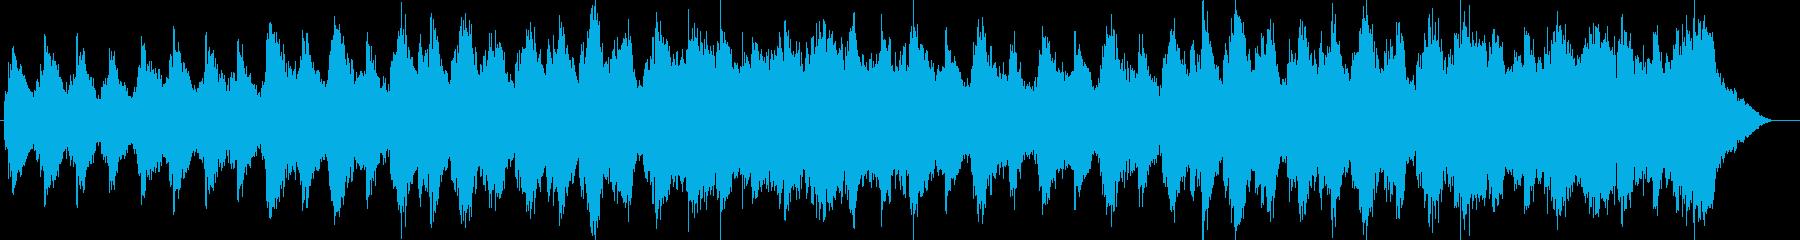 ピアノによる癒し系ミュージックの再生済みの波形